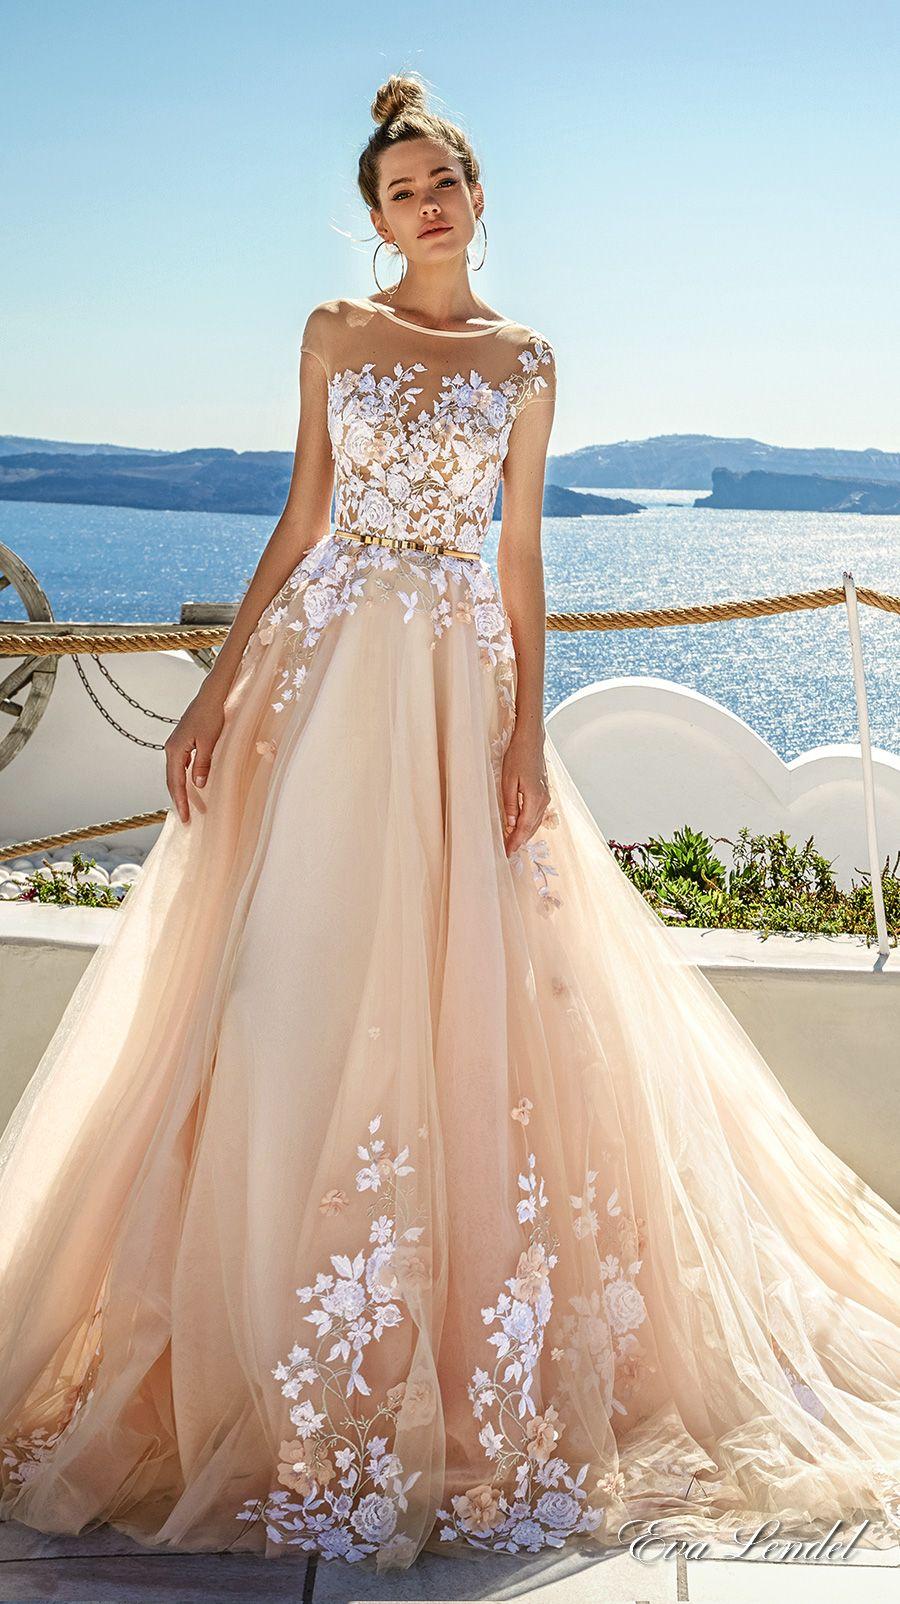 Pinterest ruteavm glamourous pinterest google wedding dress